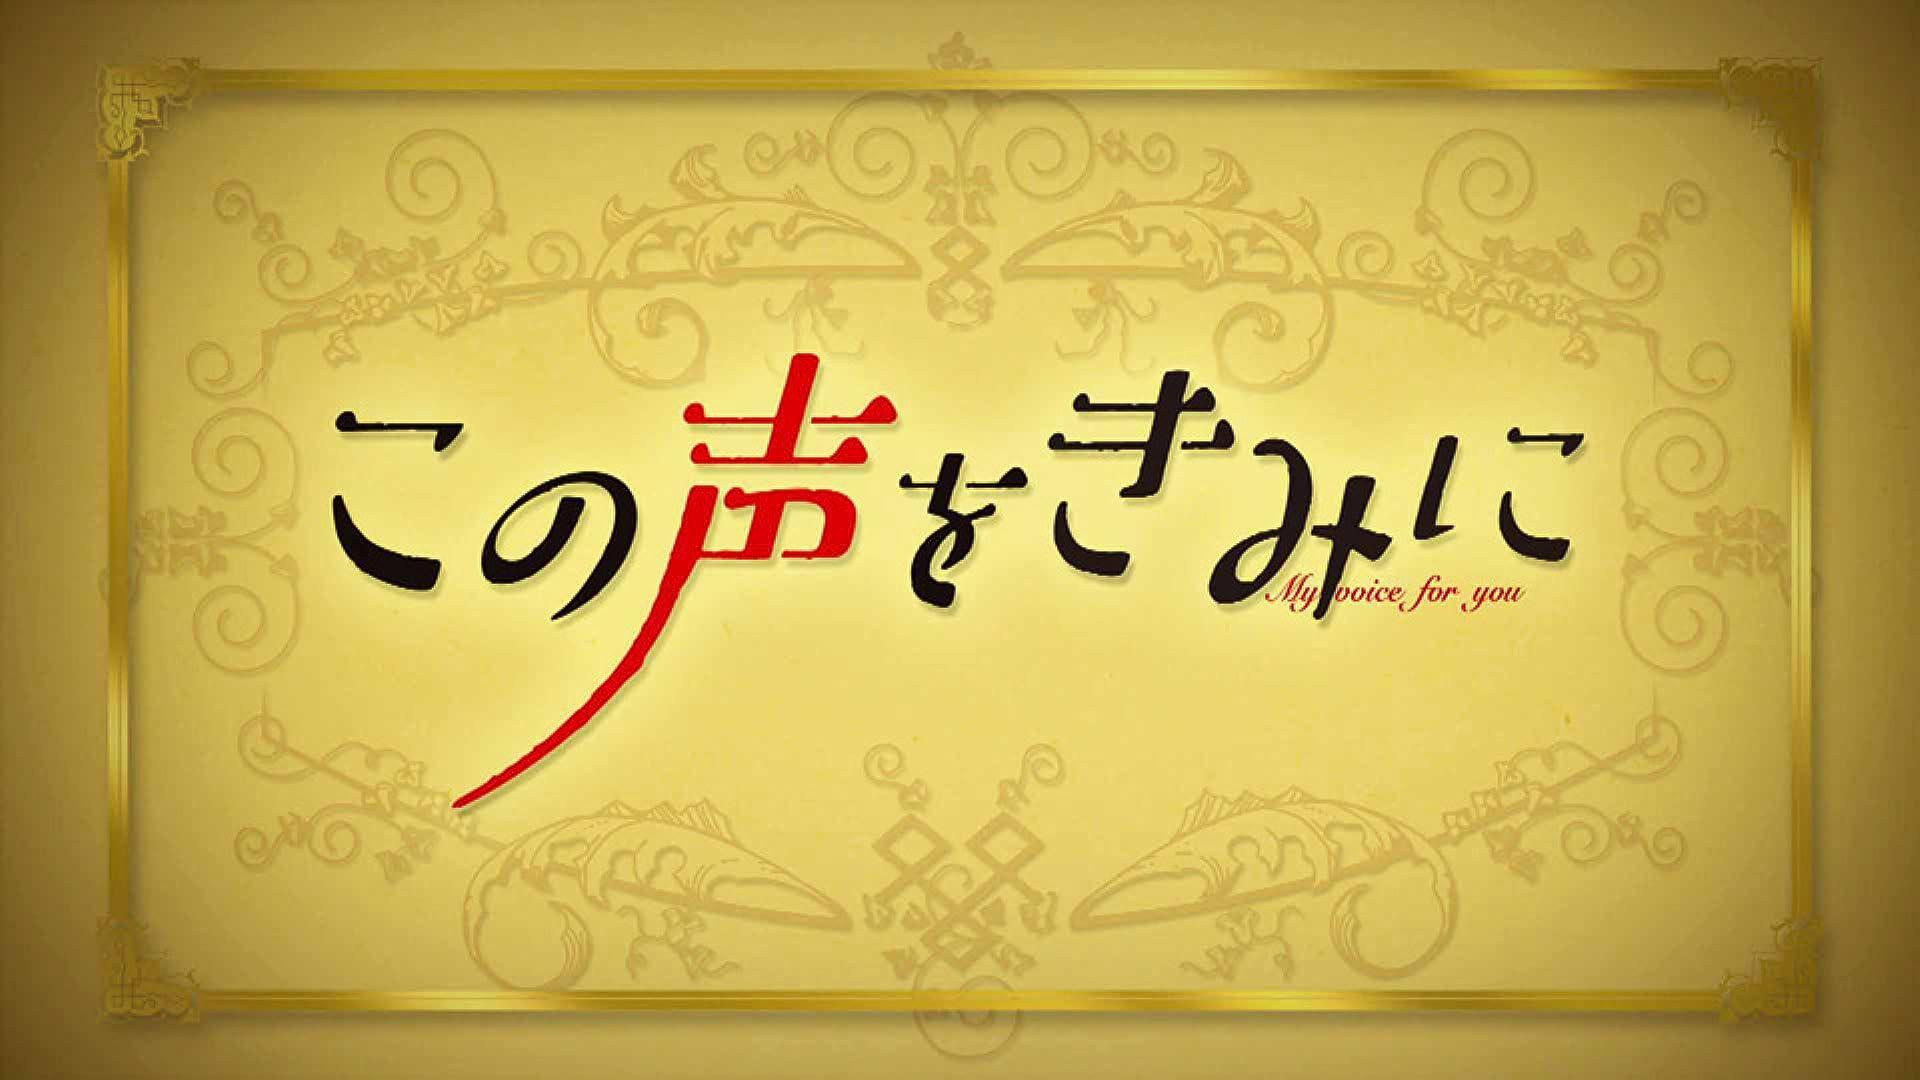 この声をきみに(NHKオンデマンド)